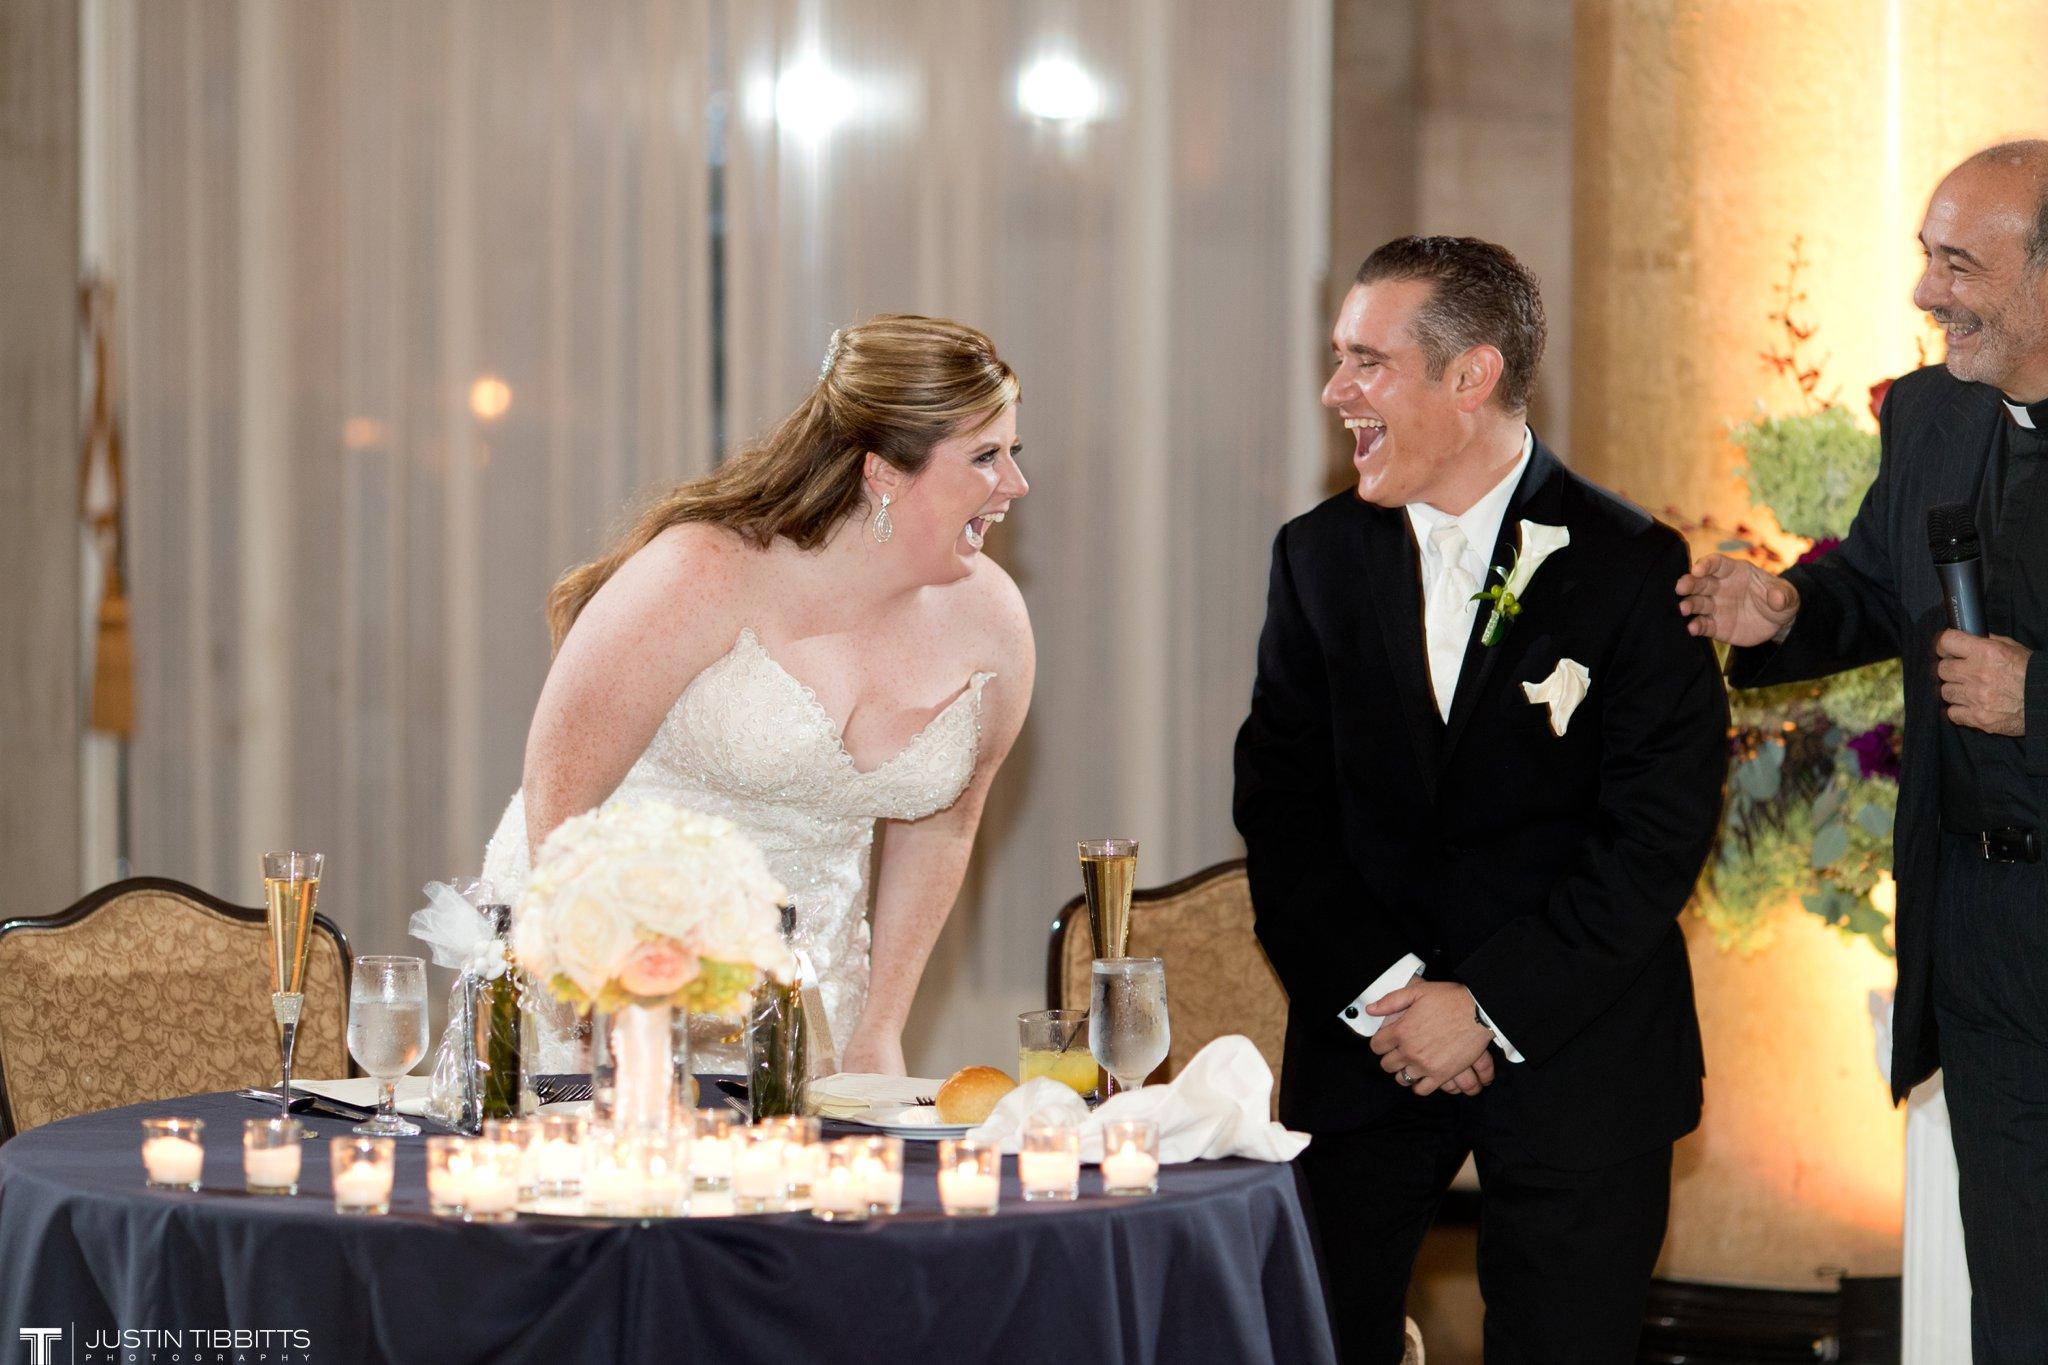 Hall of Springs Wedding Photos with Amanda and Jon-Michael_0097